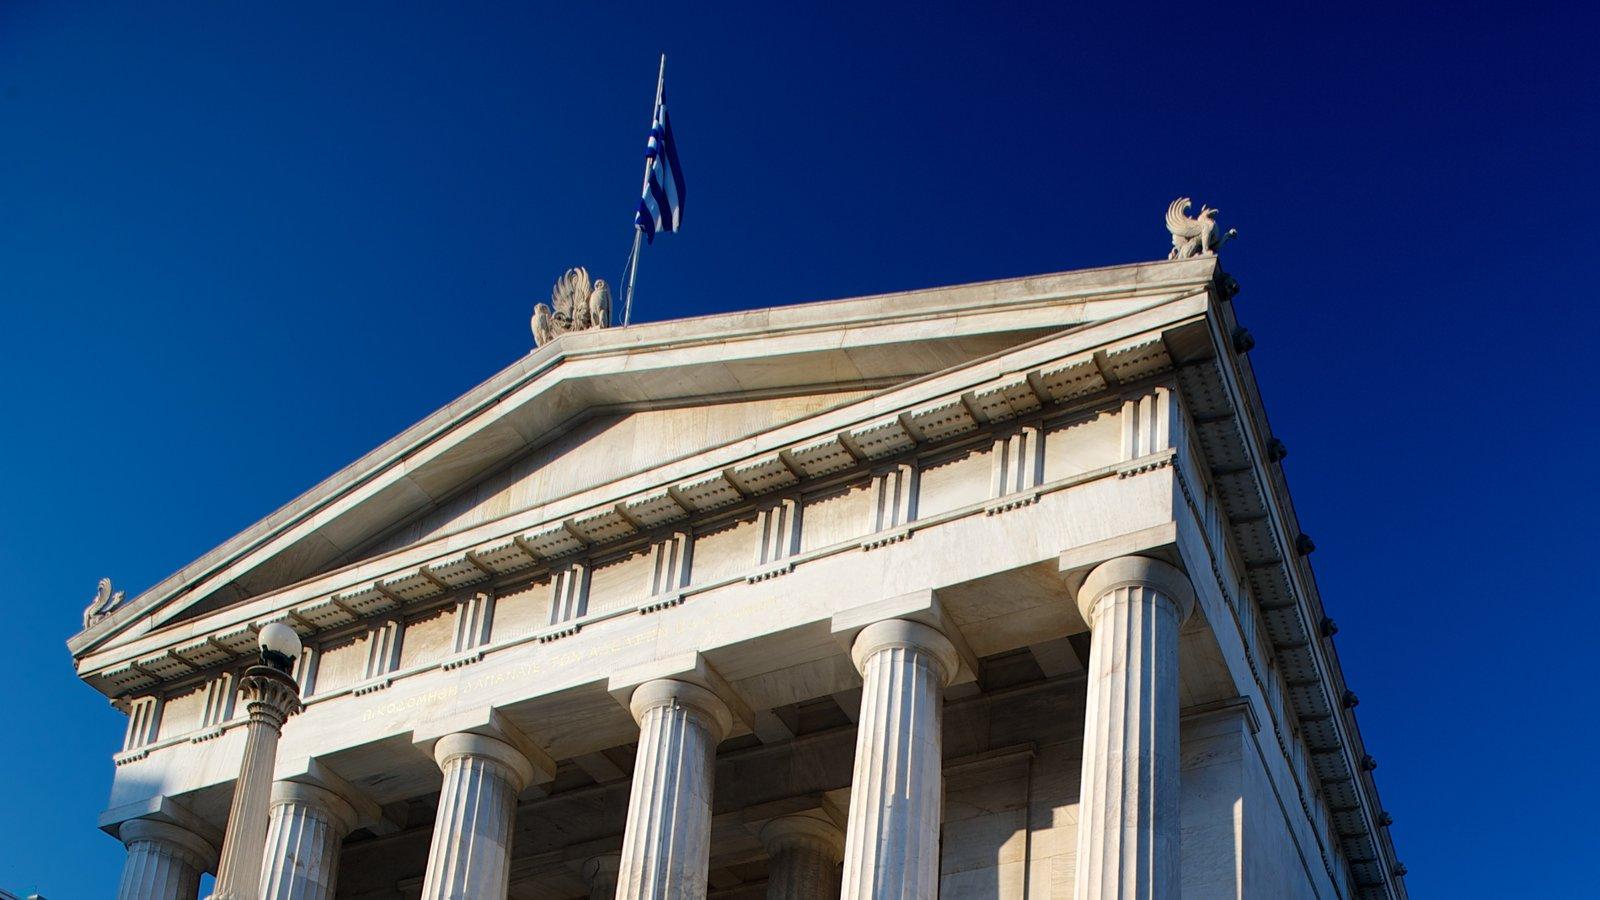 Biblioteca Nacional da Grécia que inclui um edifício administrativo e arquitetura de patrimônio